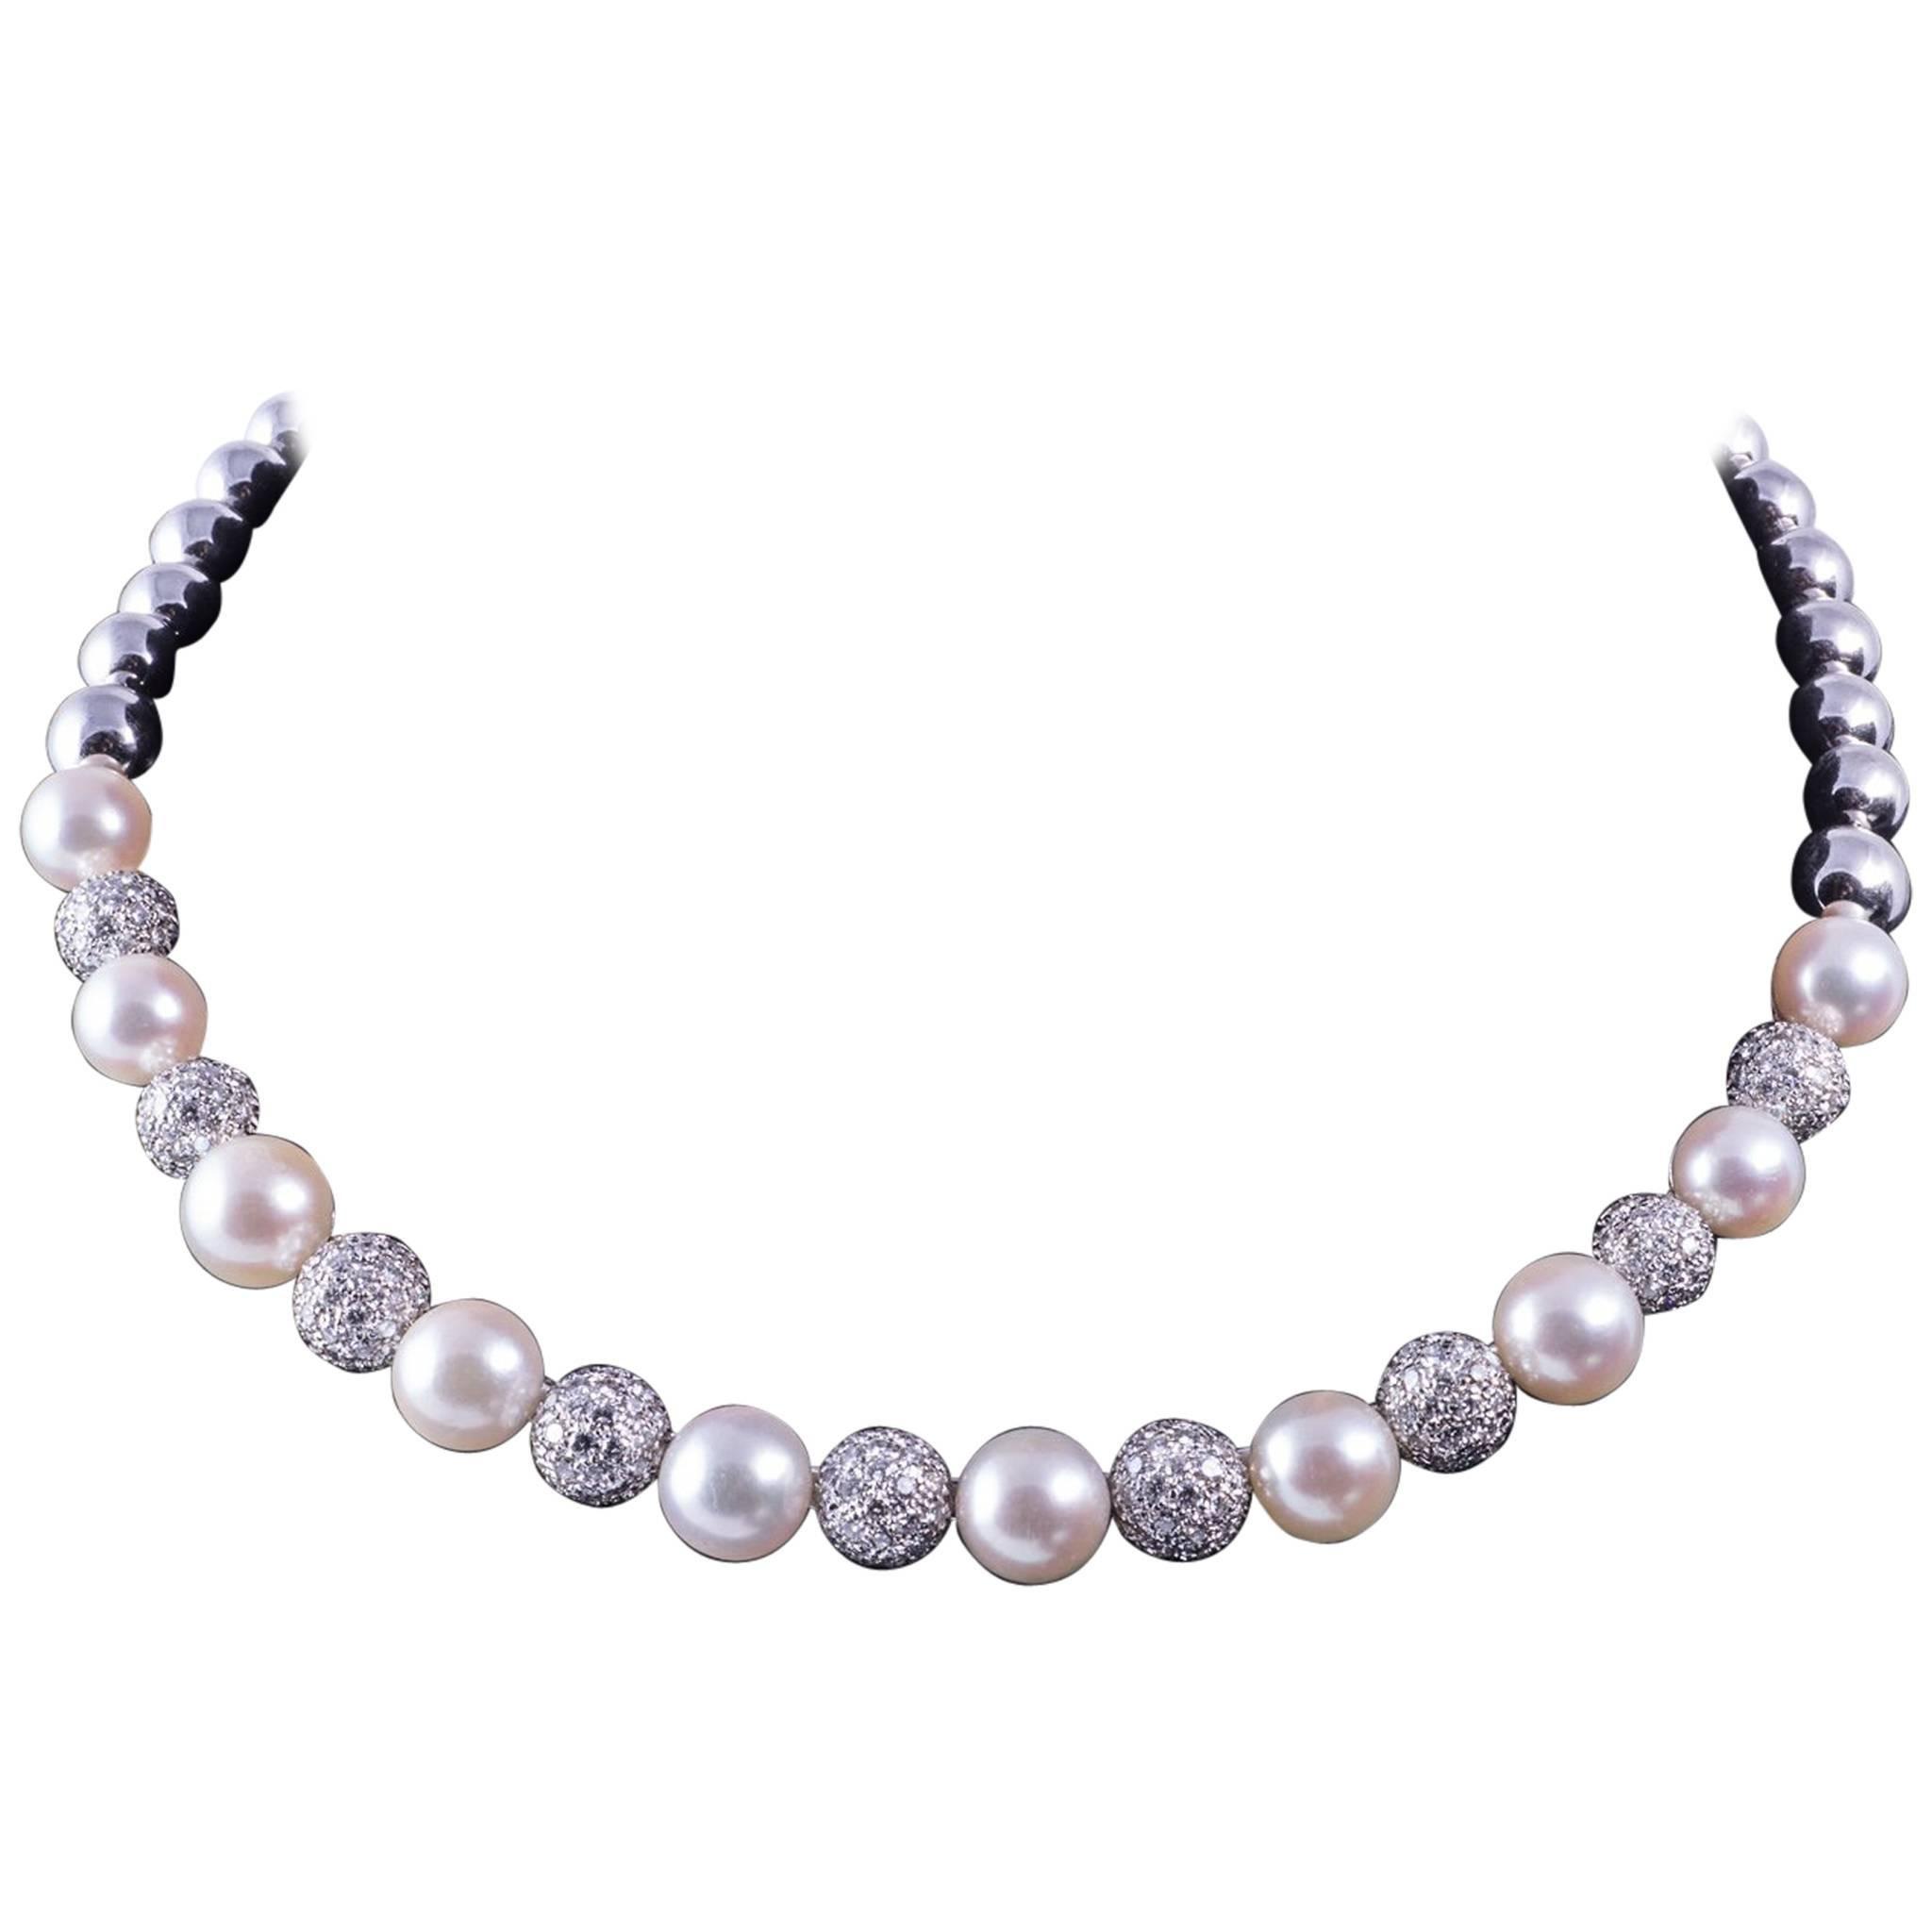 Stefan Hafner Pearl Diamond White Gold Necklace